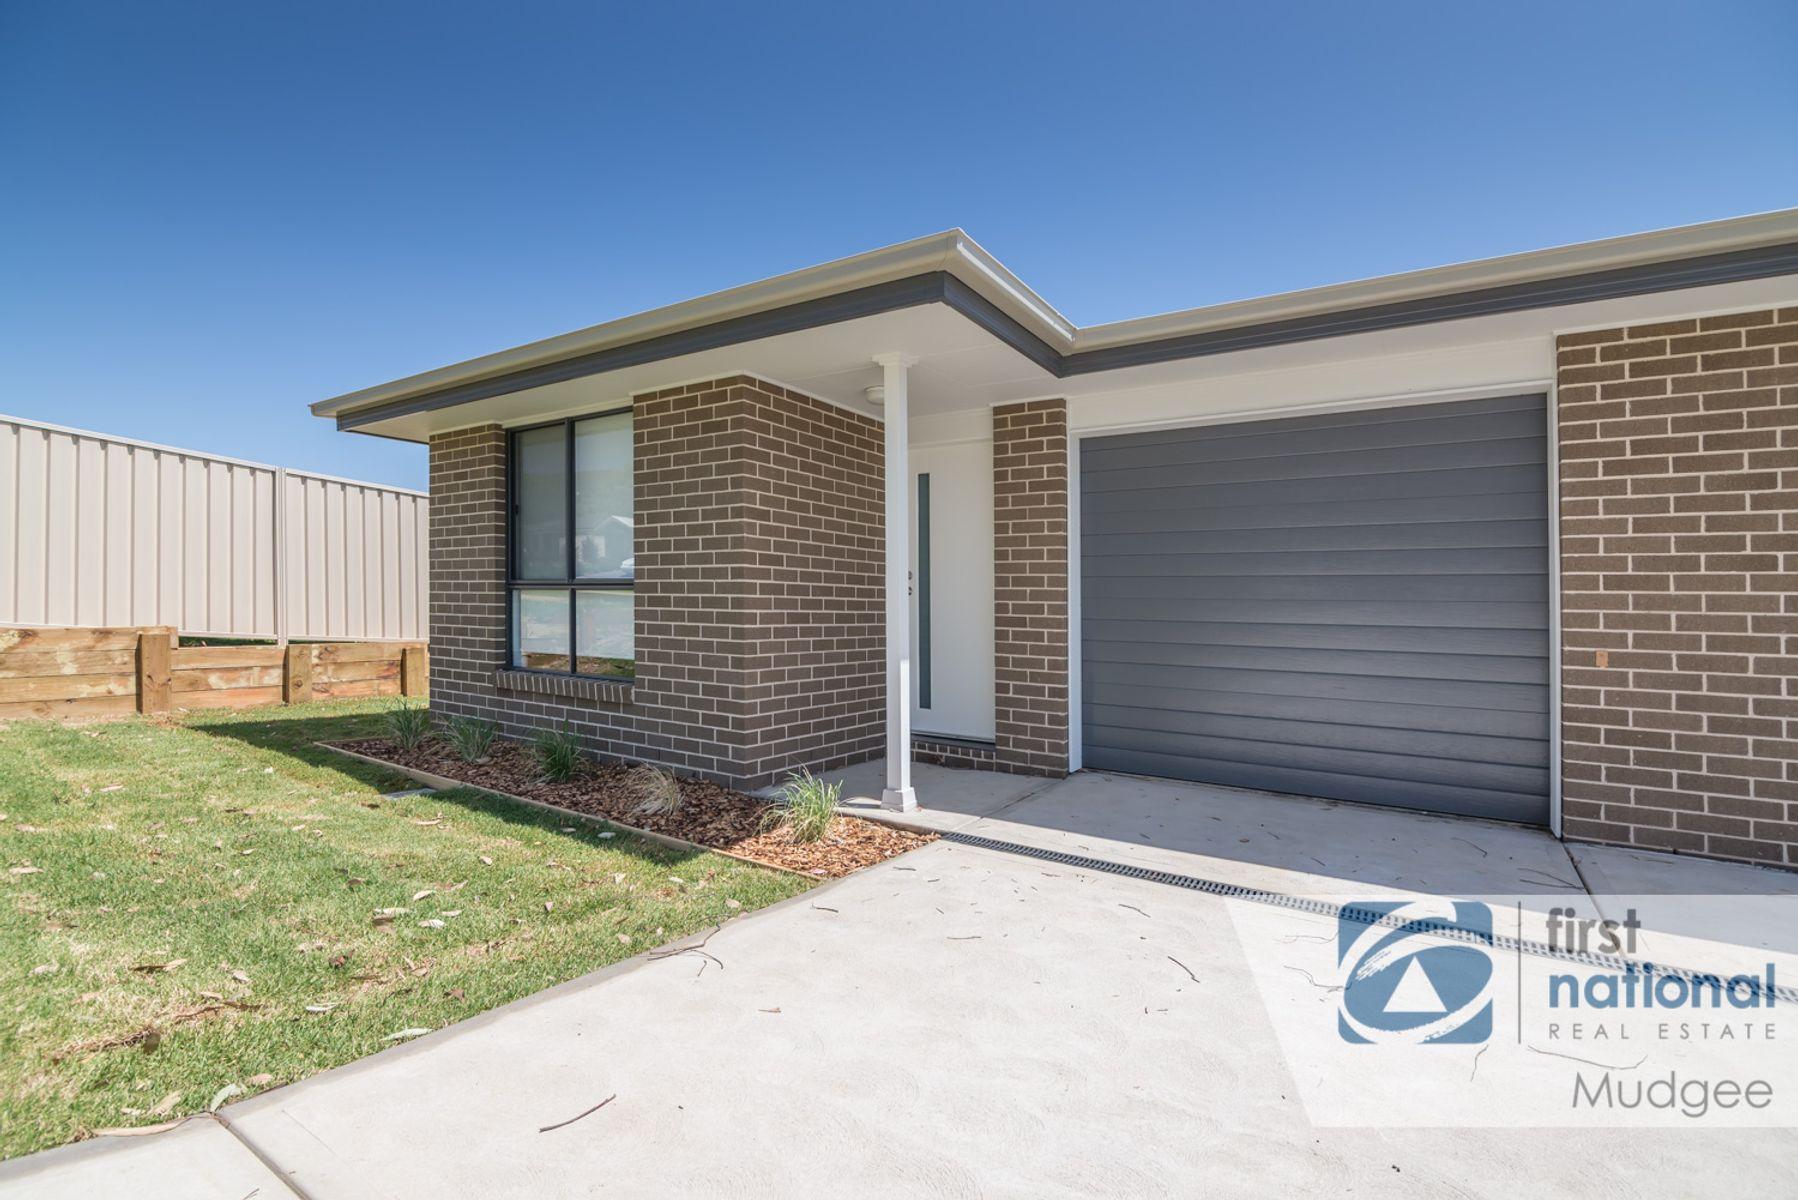 58A Bellevue Road, Mudgee, NSW 2850